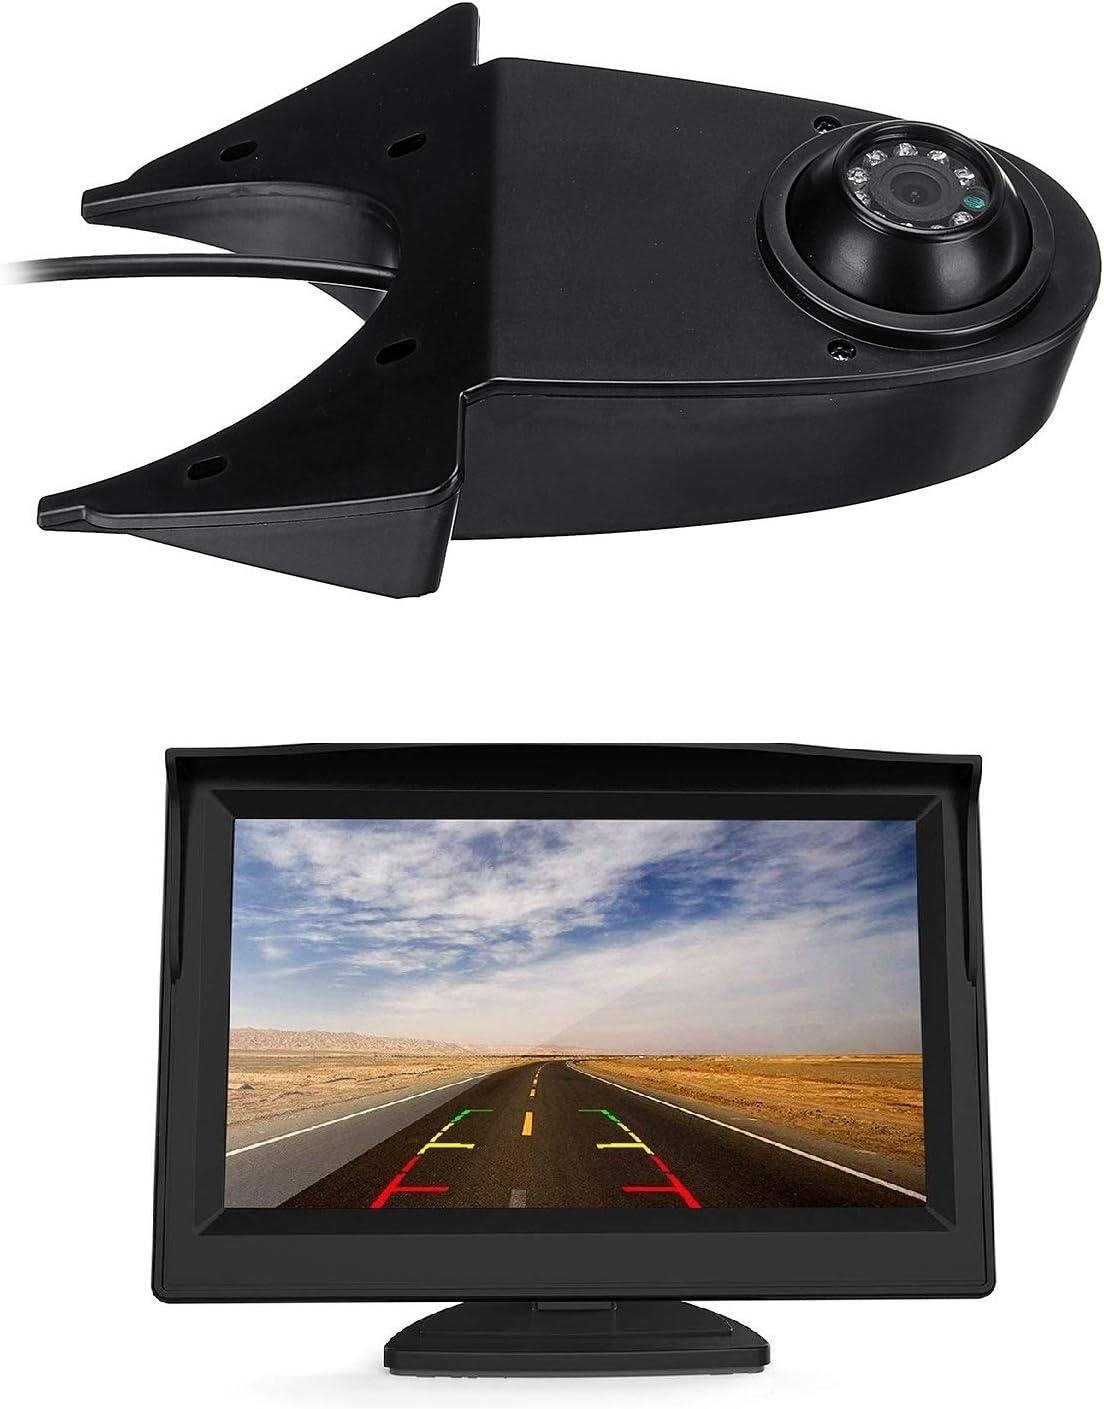 Hd 720p Rückfahrkamera Mit 12 7 Cm Lcd Monitor Kits Elektronik